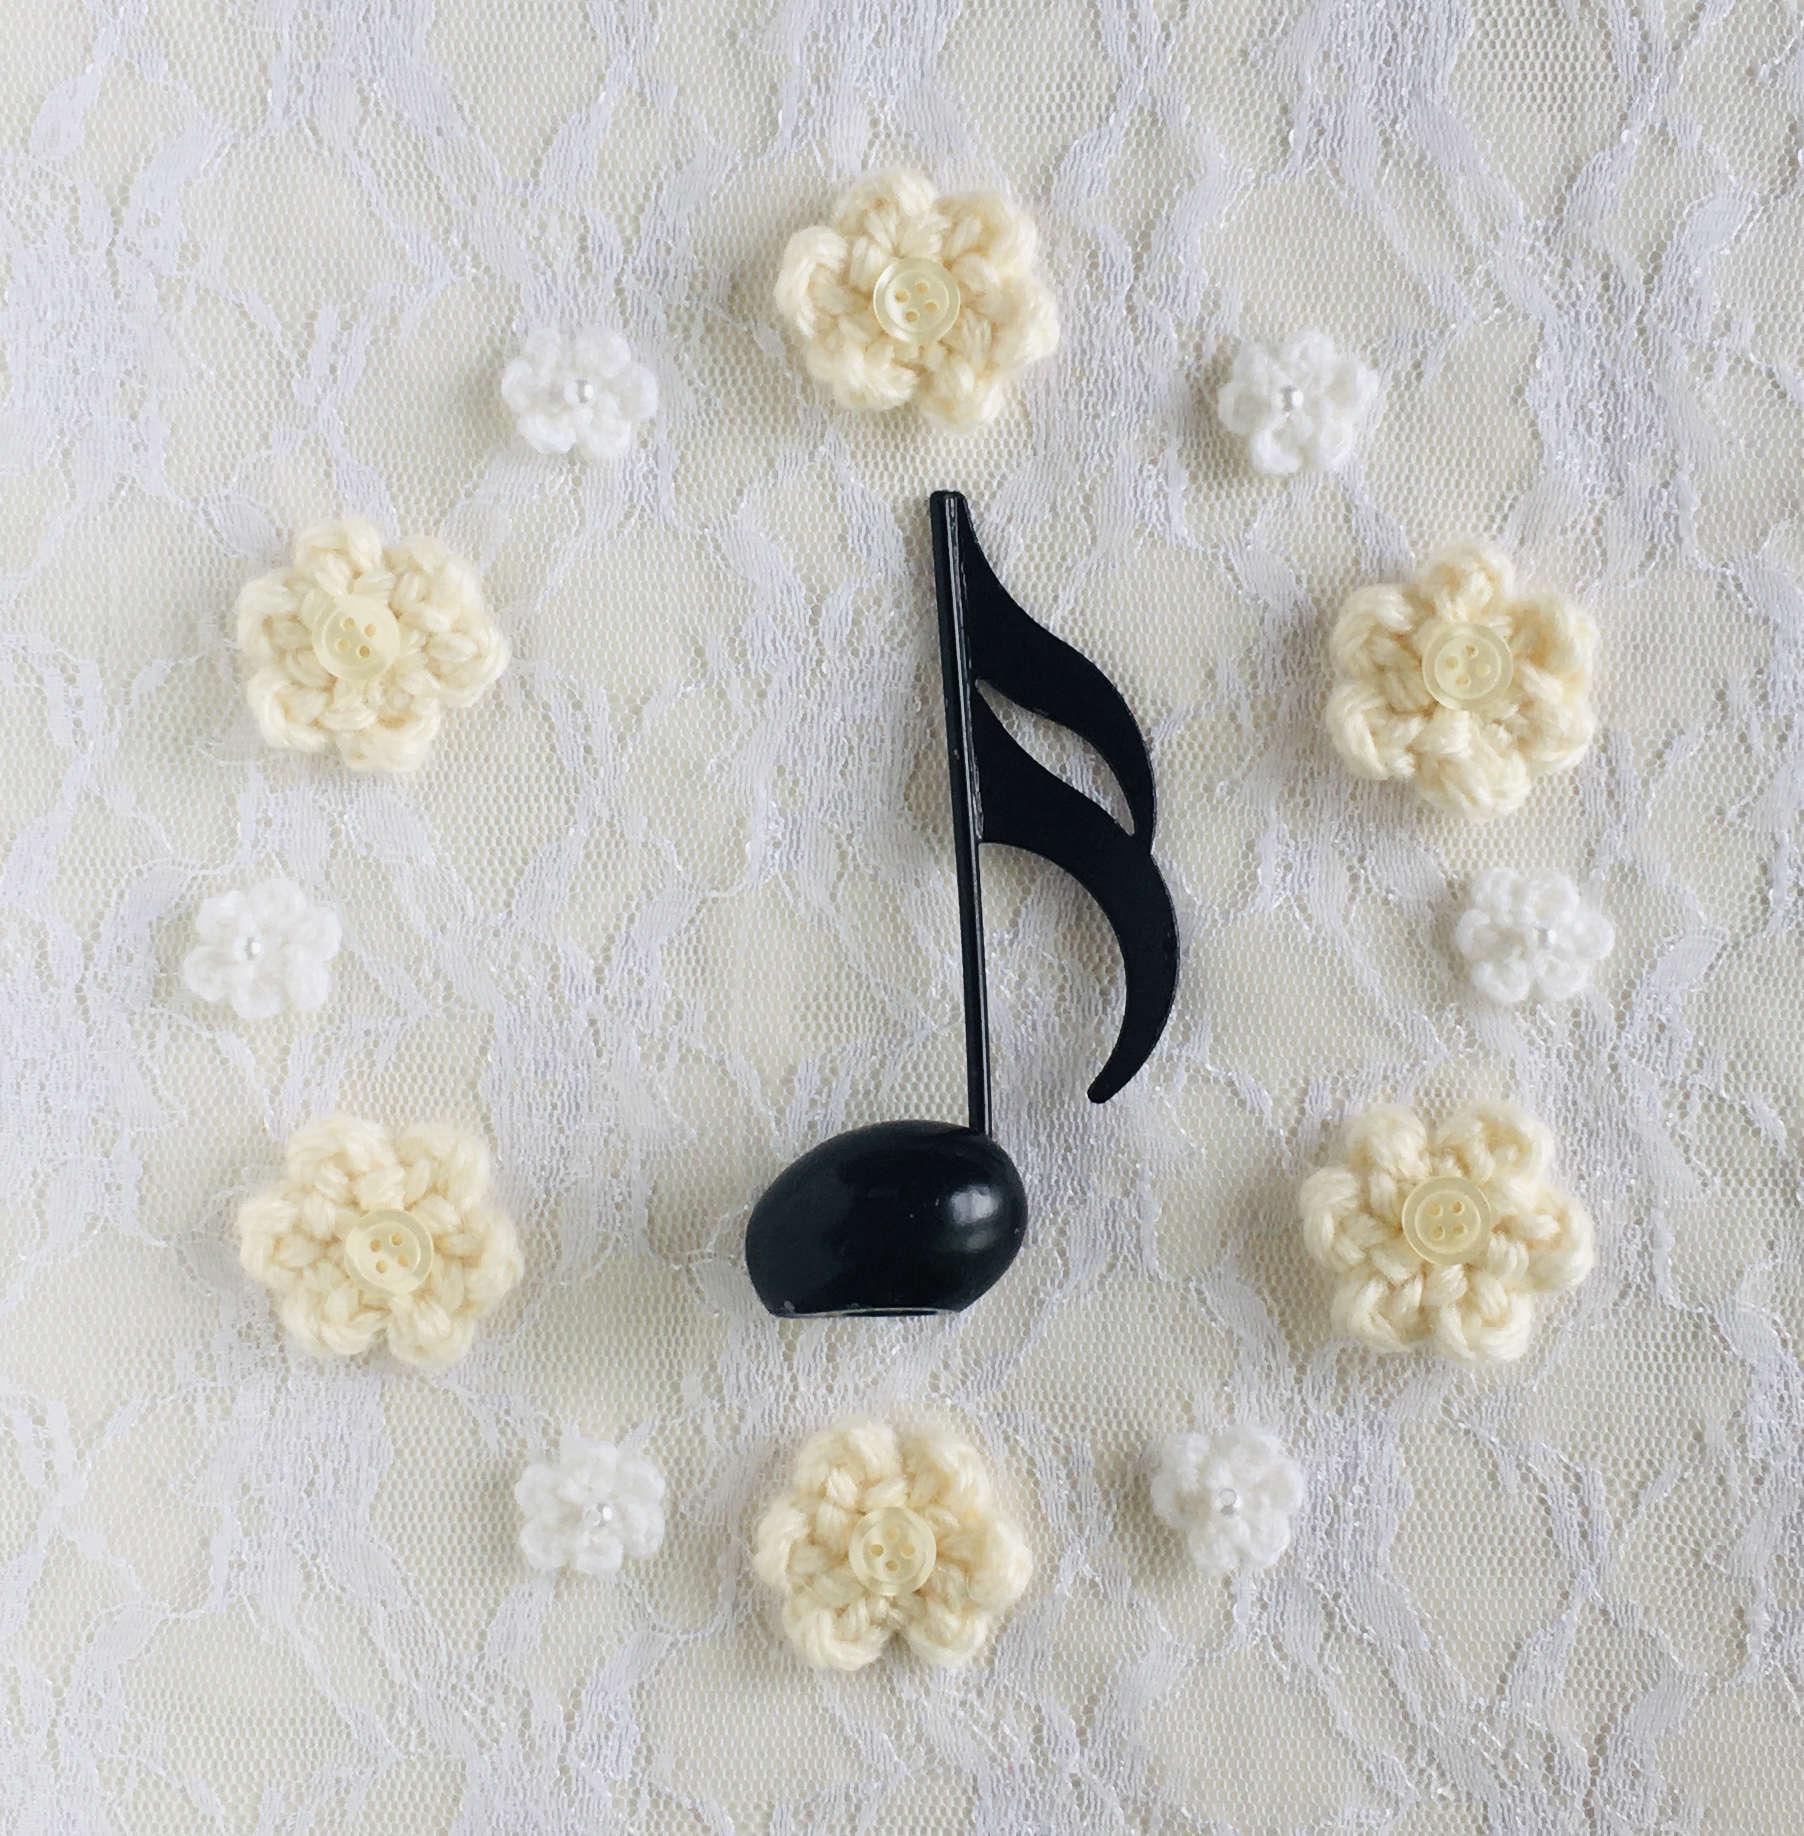 解消 睡眠 導入 音楽 ストレス